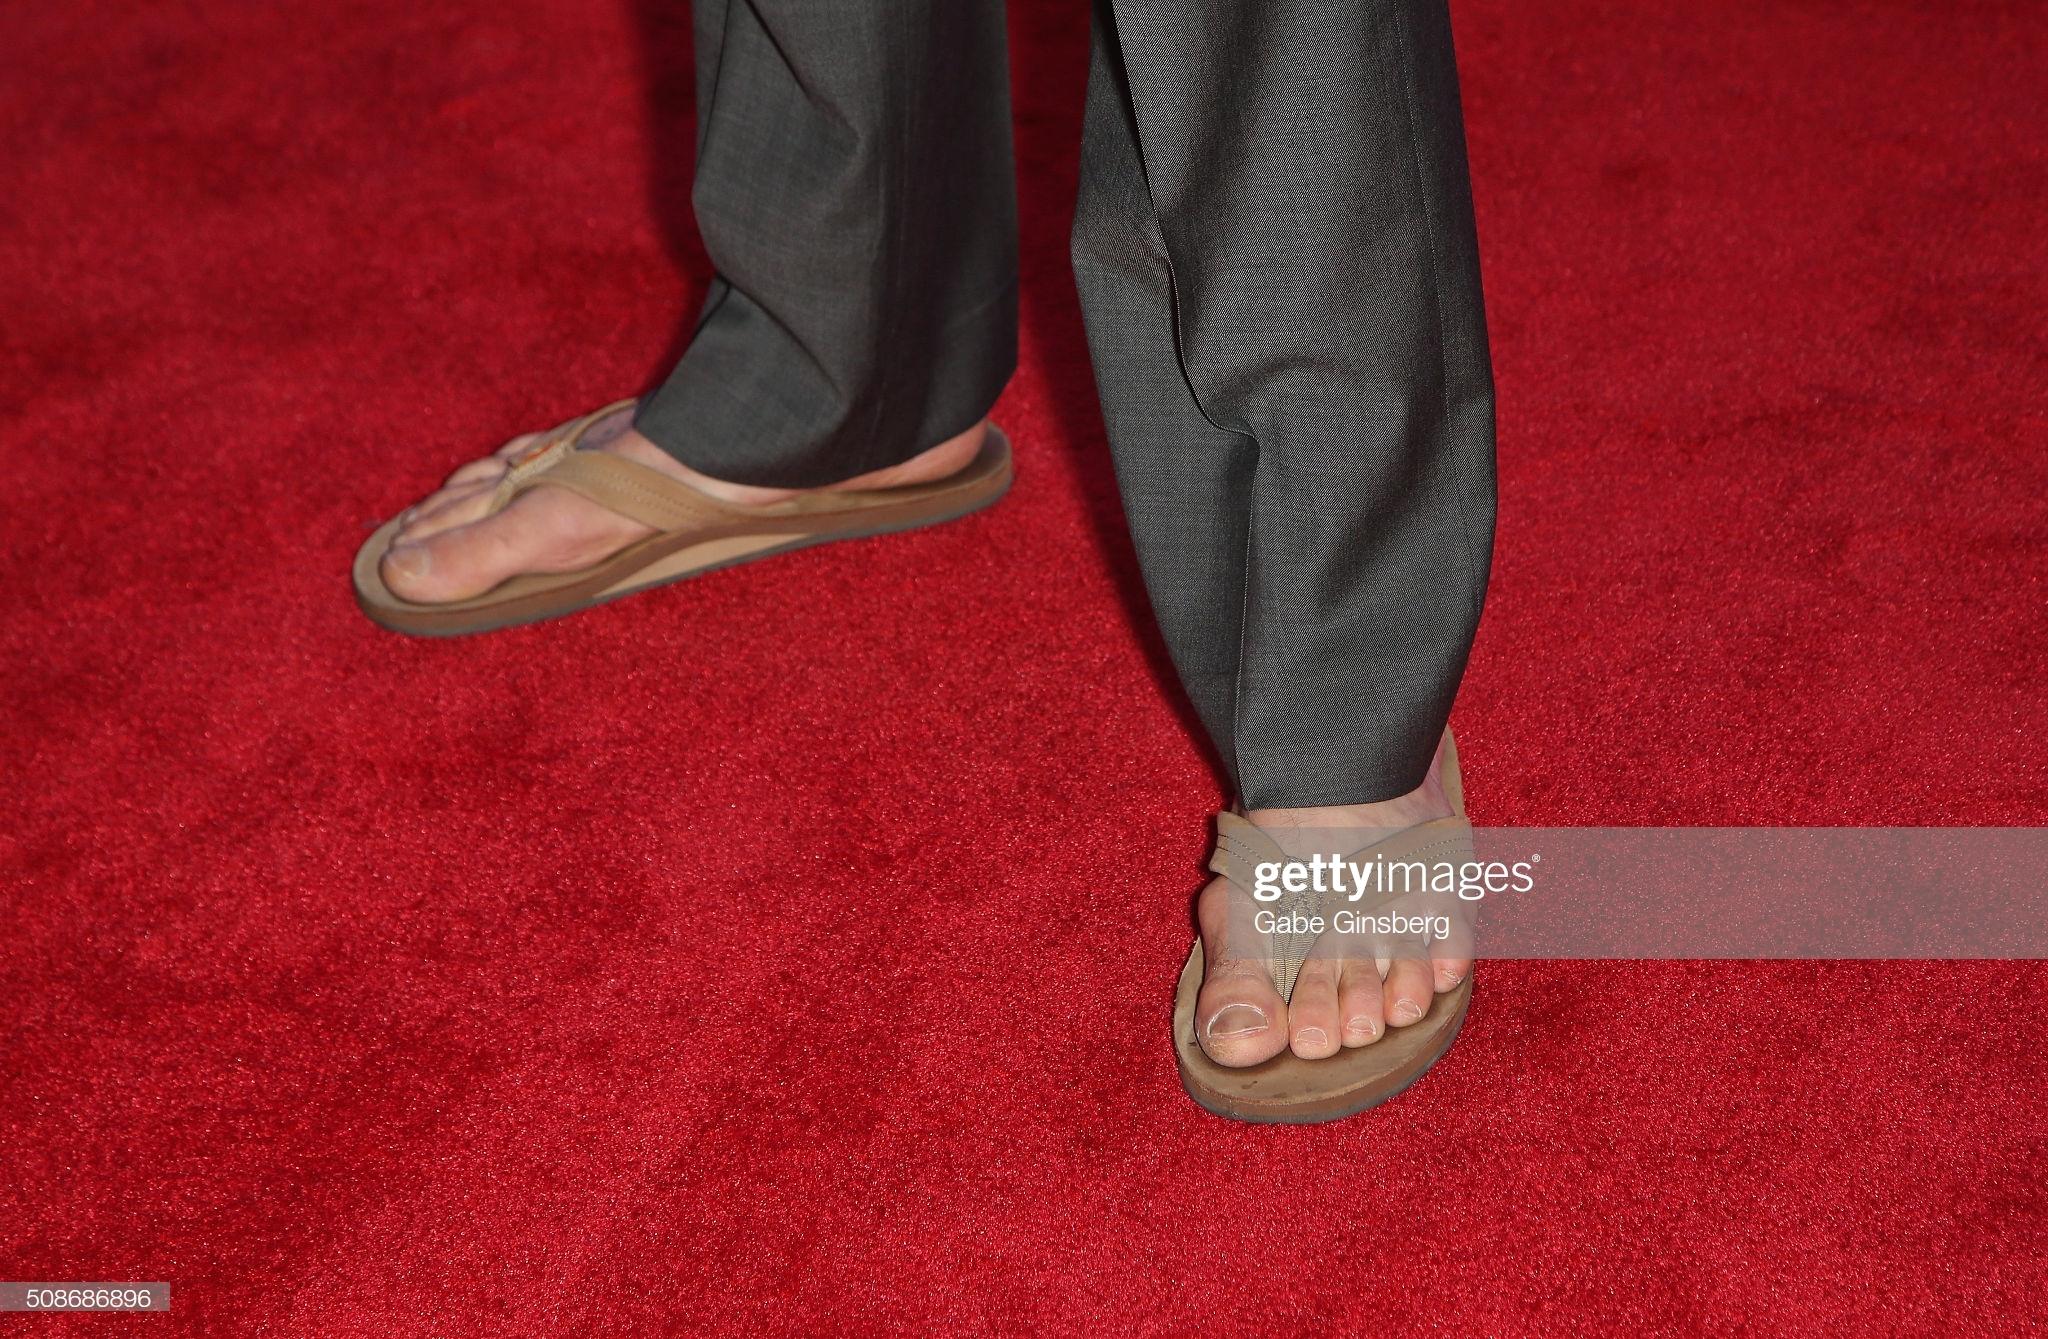 Ben Askren Height In Feet - Ben Askren Biography Photo ...